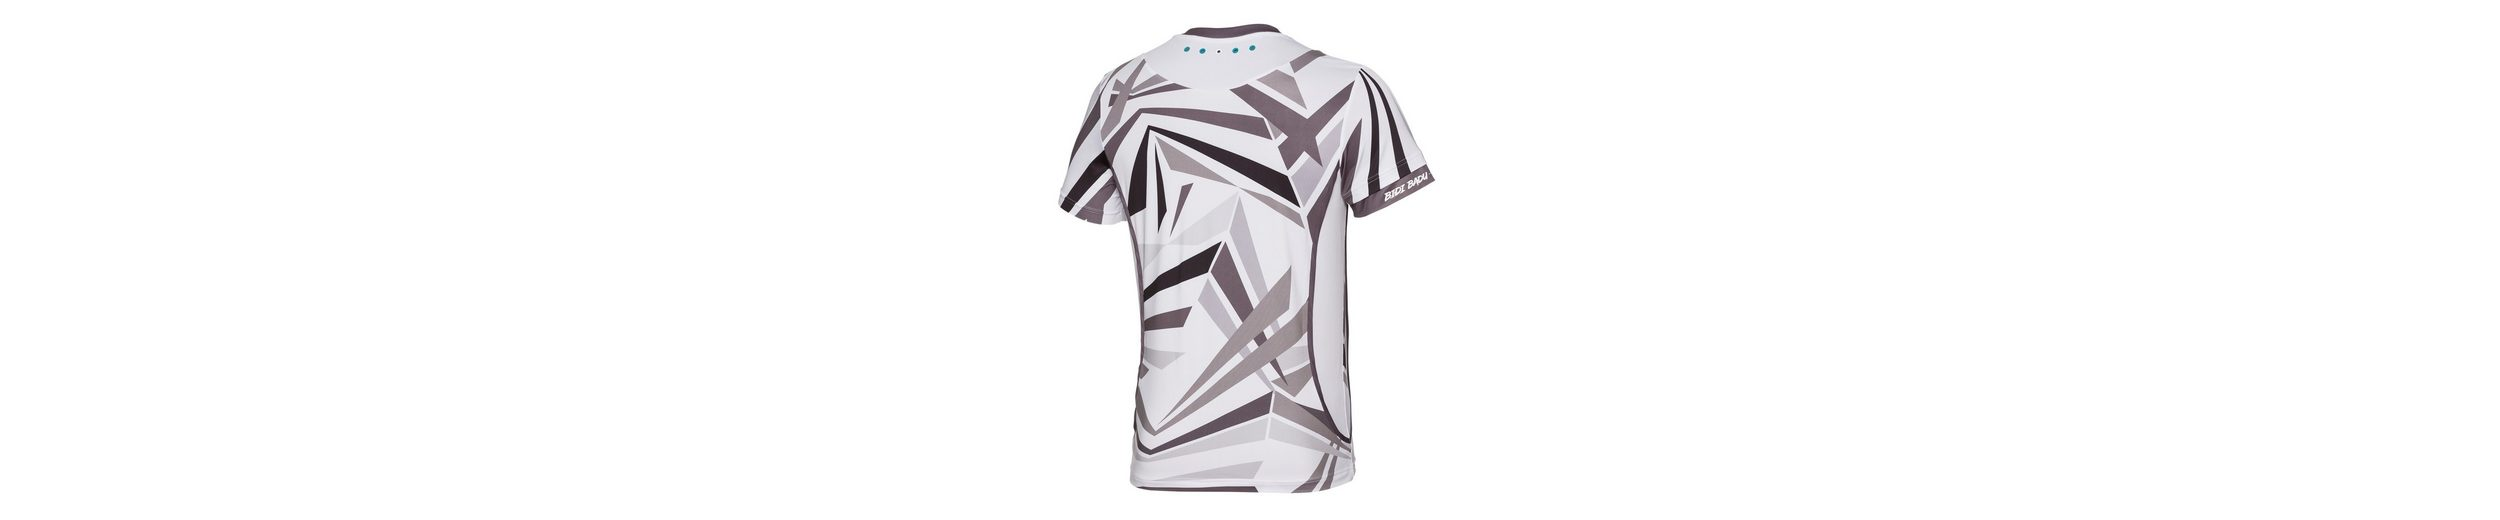 BIDI BADU Tennis T-Shirt der neuen Generation Billig Verkauf Genießen Billig Verkaufen Viele Arten Von Freie Verschiffen-Websites qdTCMwQ